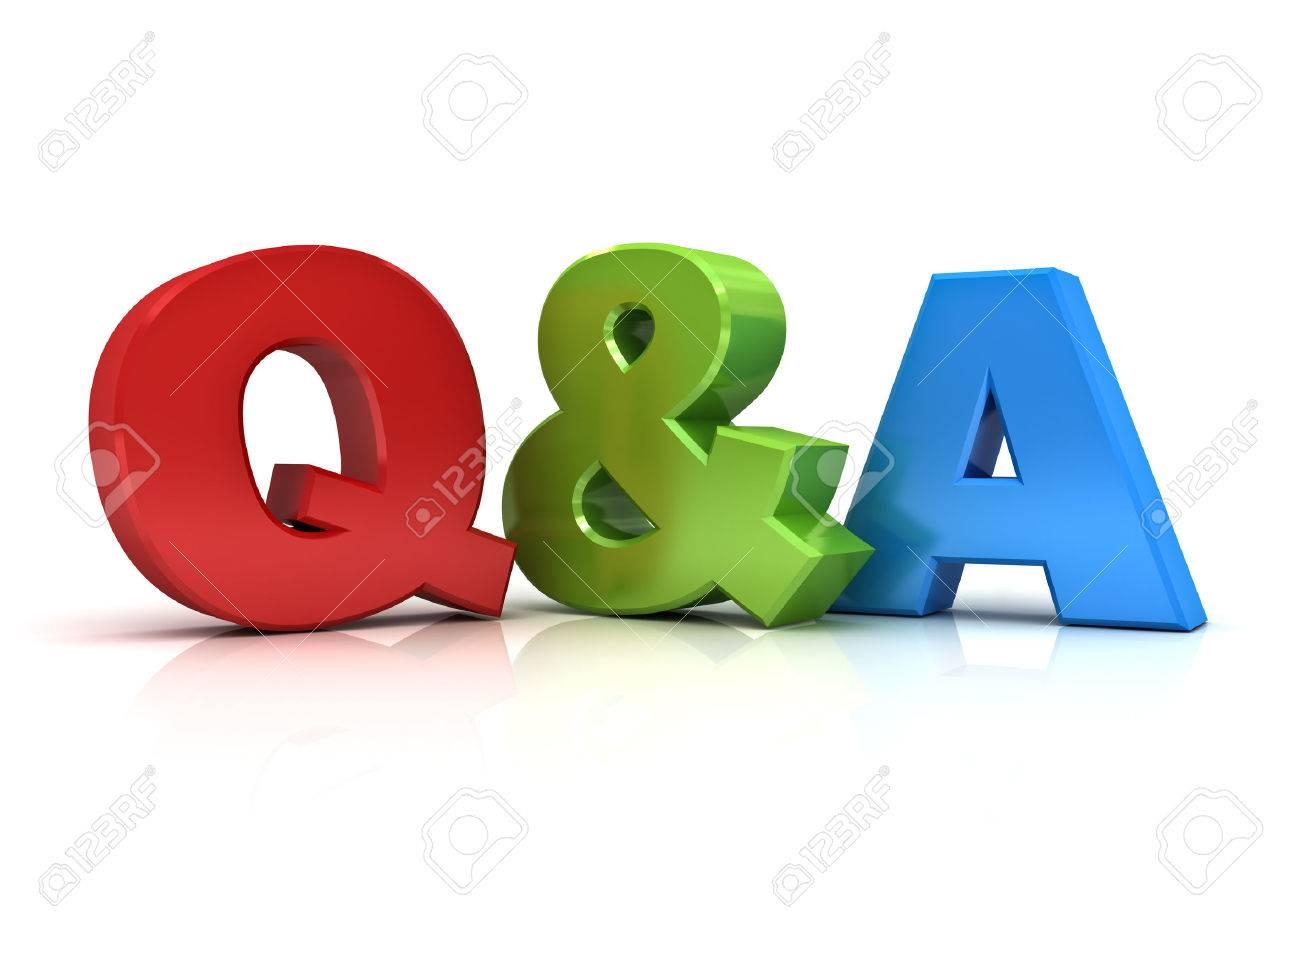 Questions et réponses notion Q et un mot isolé sur fond blanc Banque d'images - 40257556